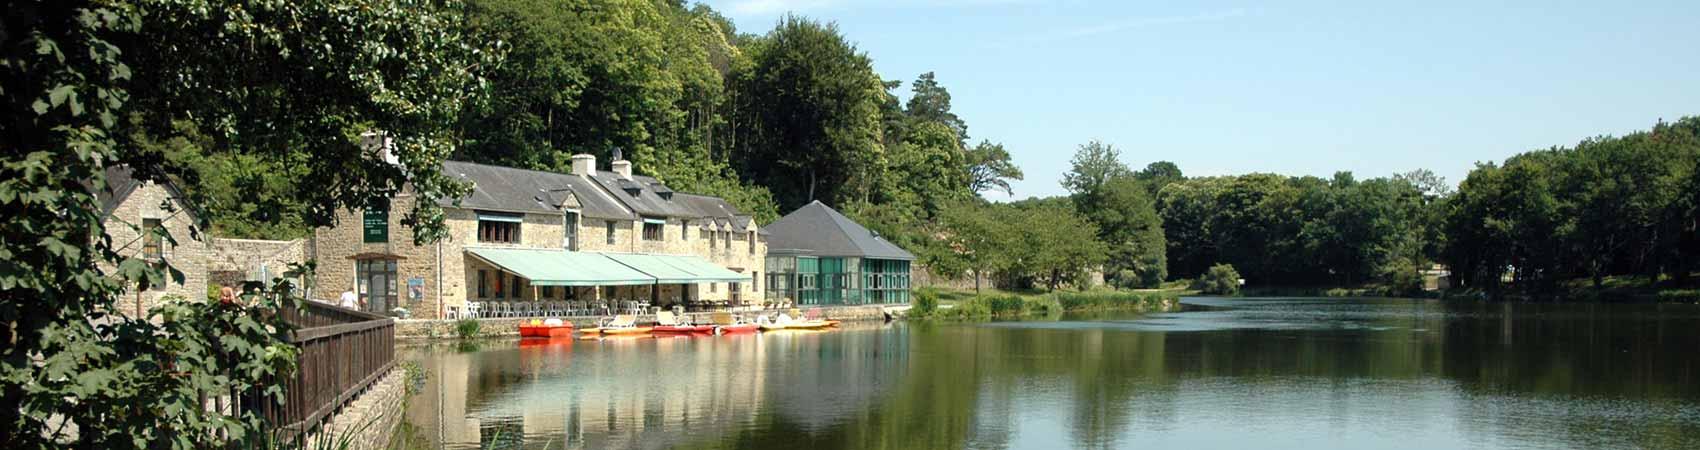 Hôtel Bretagne : Quel hôtel choisir pour des vacances en Bretagne ?